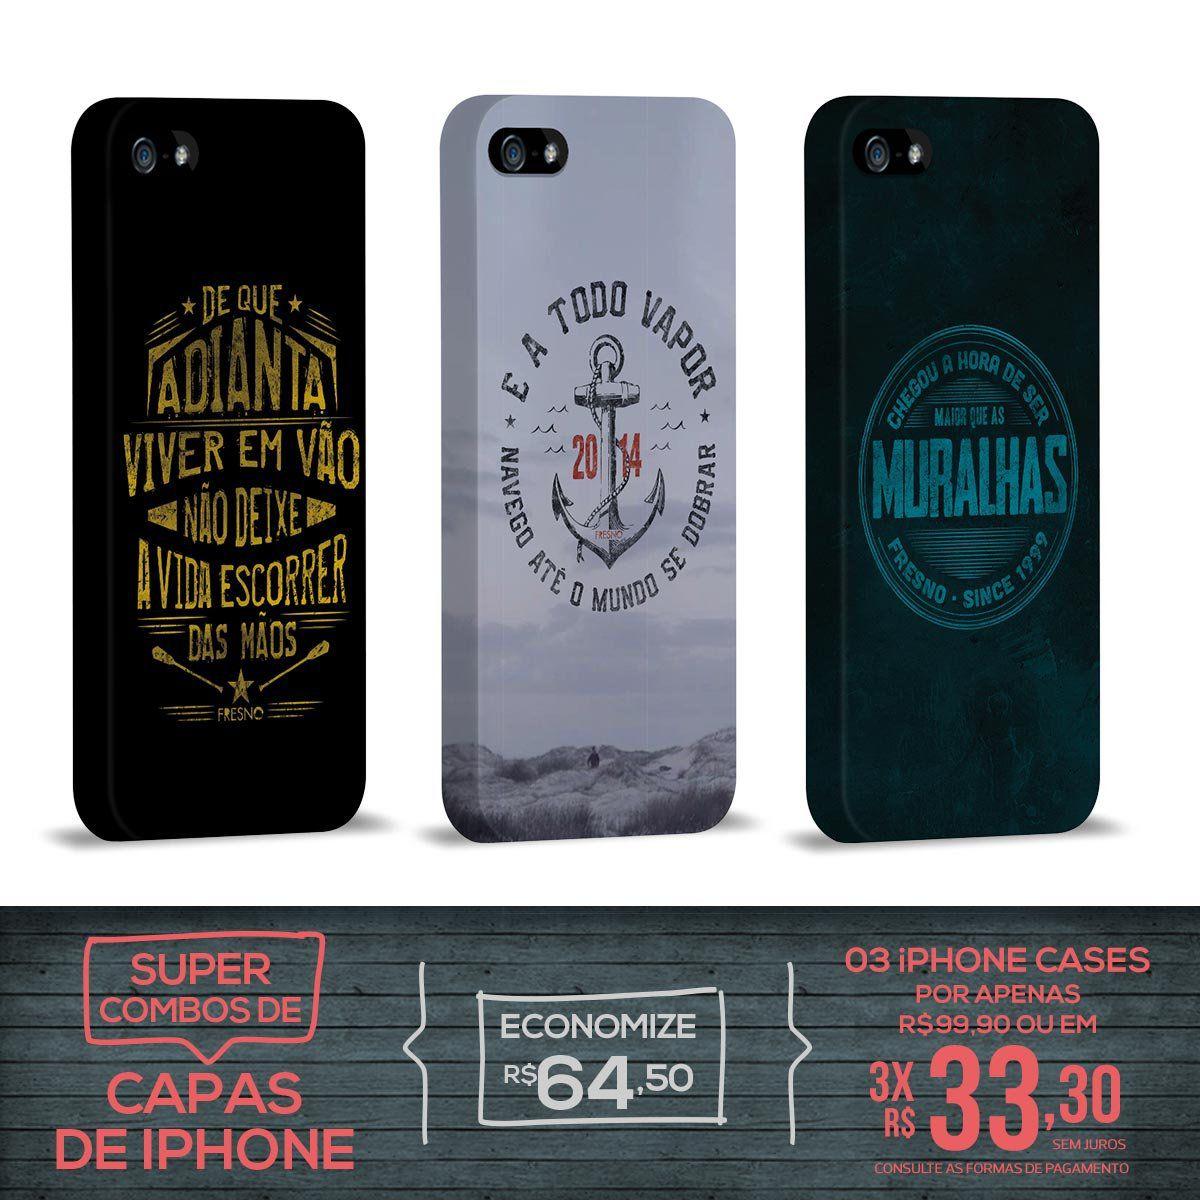 Kit Com 3 Capas de iPhone 5/5S Fresno - Farol